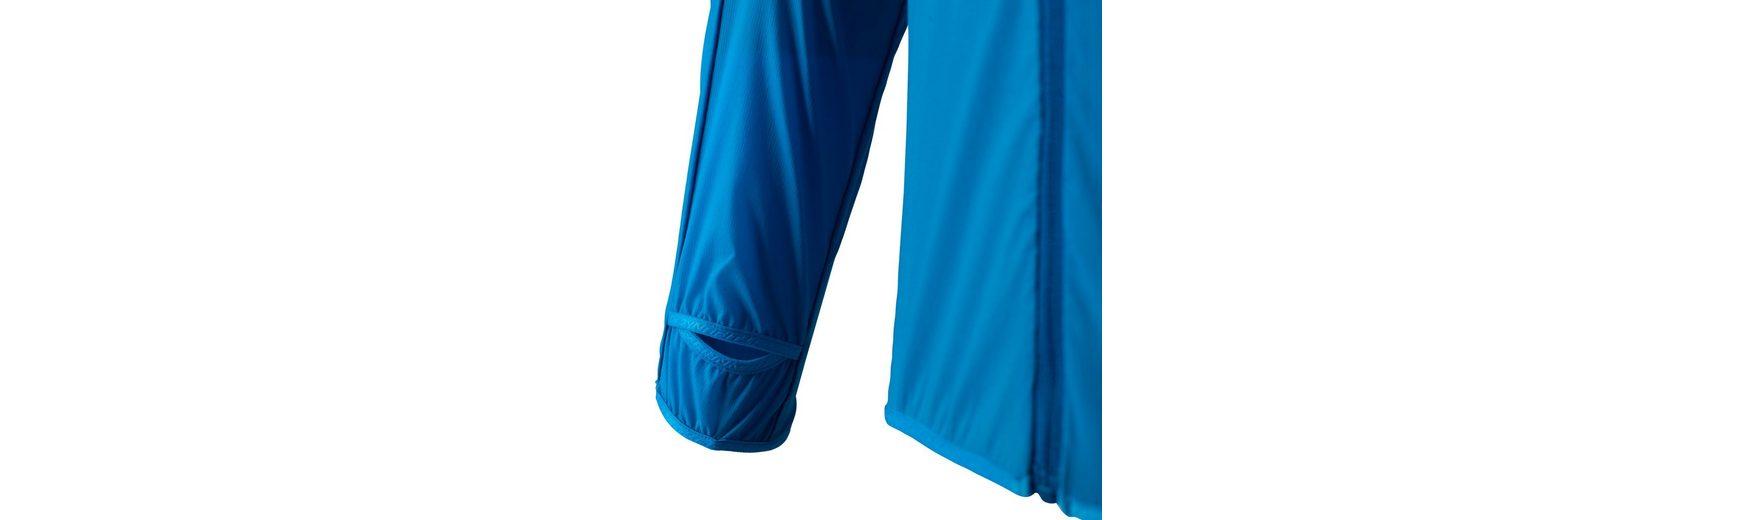 Für Schön Dynafit Trainingsjacke Alpine Wind Jacket Men Günstig Kaufen In Deutschland 57PN85Q5